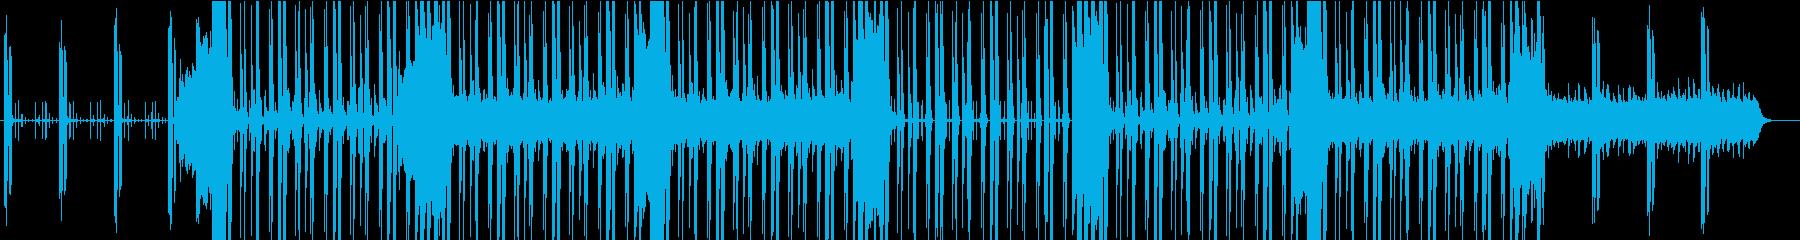 製品PR無機質なエレクトロビートとハープの再生済みの波形